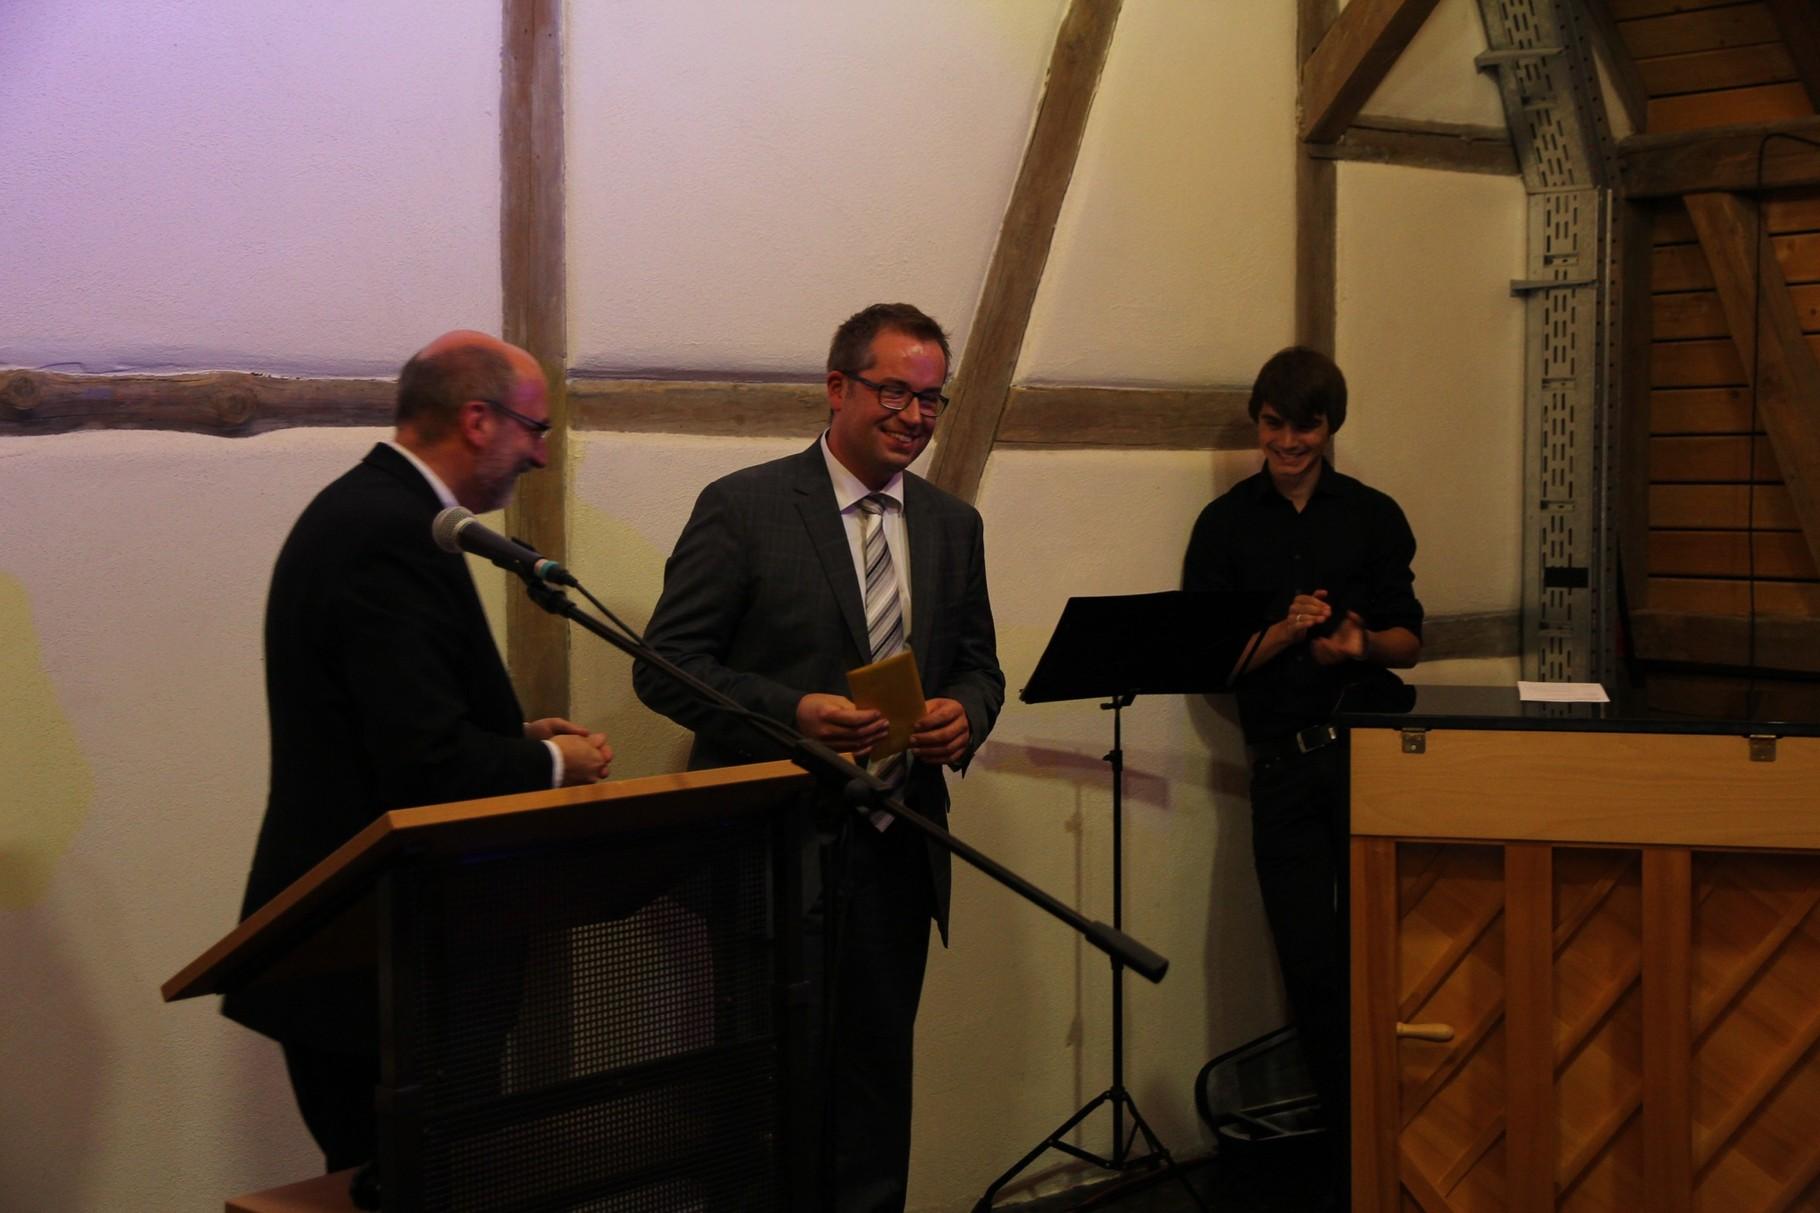 Organist Stefan Müller erhält ebenfalls ein Präsent für seinen großen Einsatz